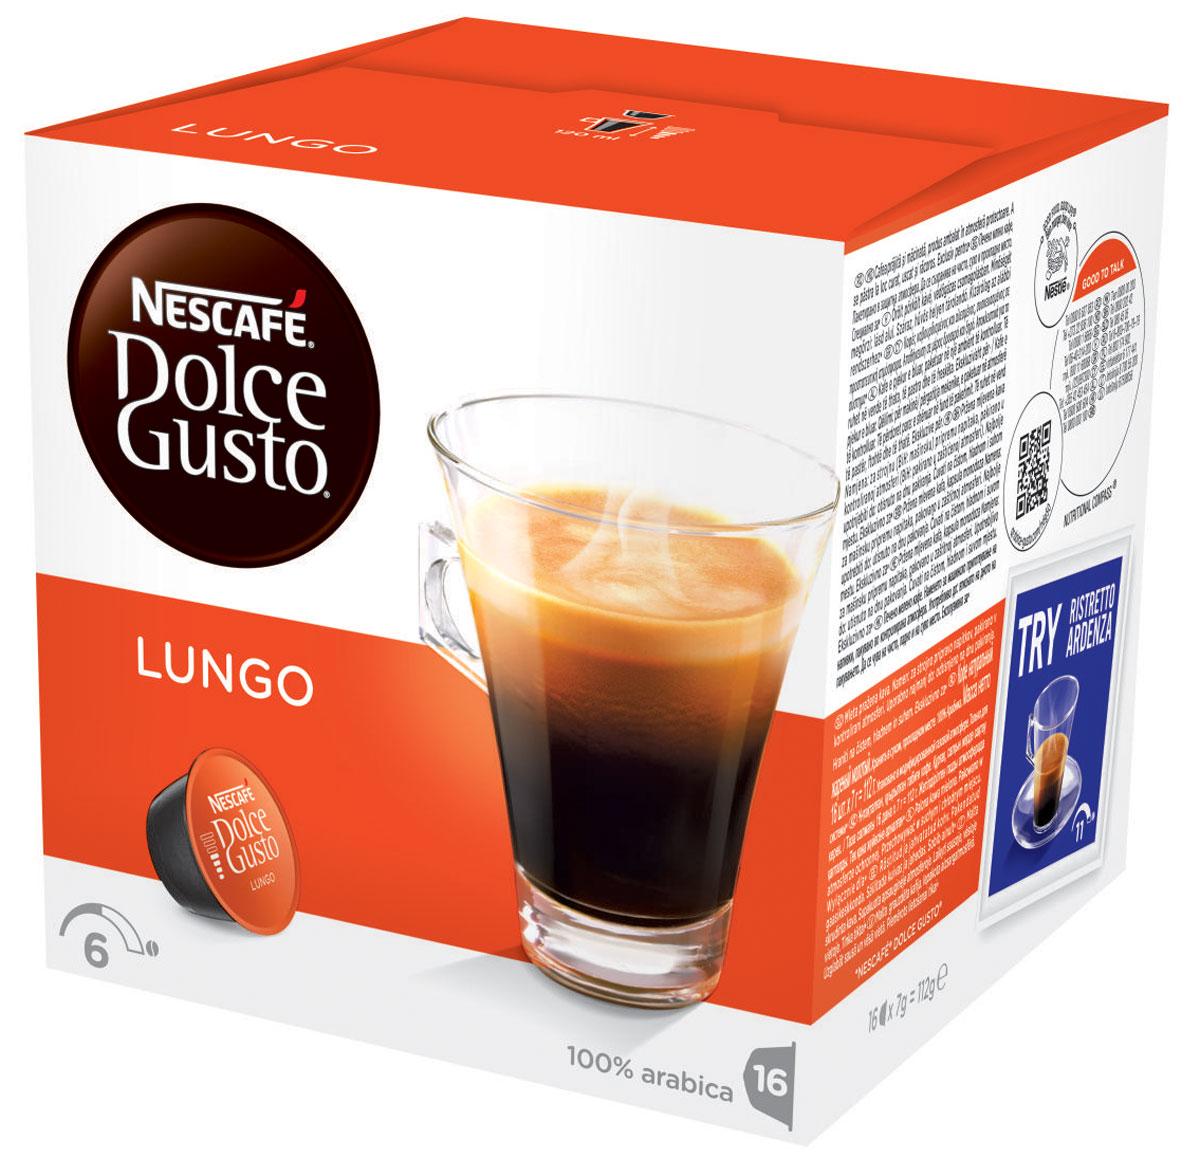 Nescafe Dolce Gusto Lungo кофе в капсулах, 16 шт кофе sokolov кофе в капсулах sokolov эспрессо лунго 10 шт